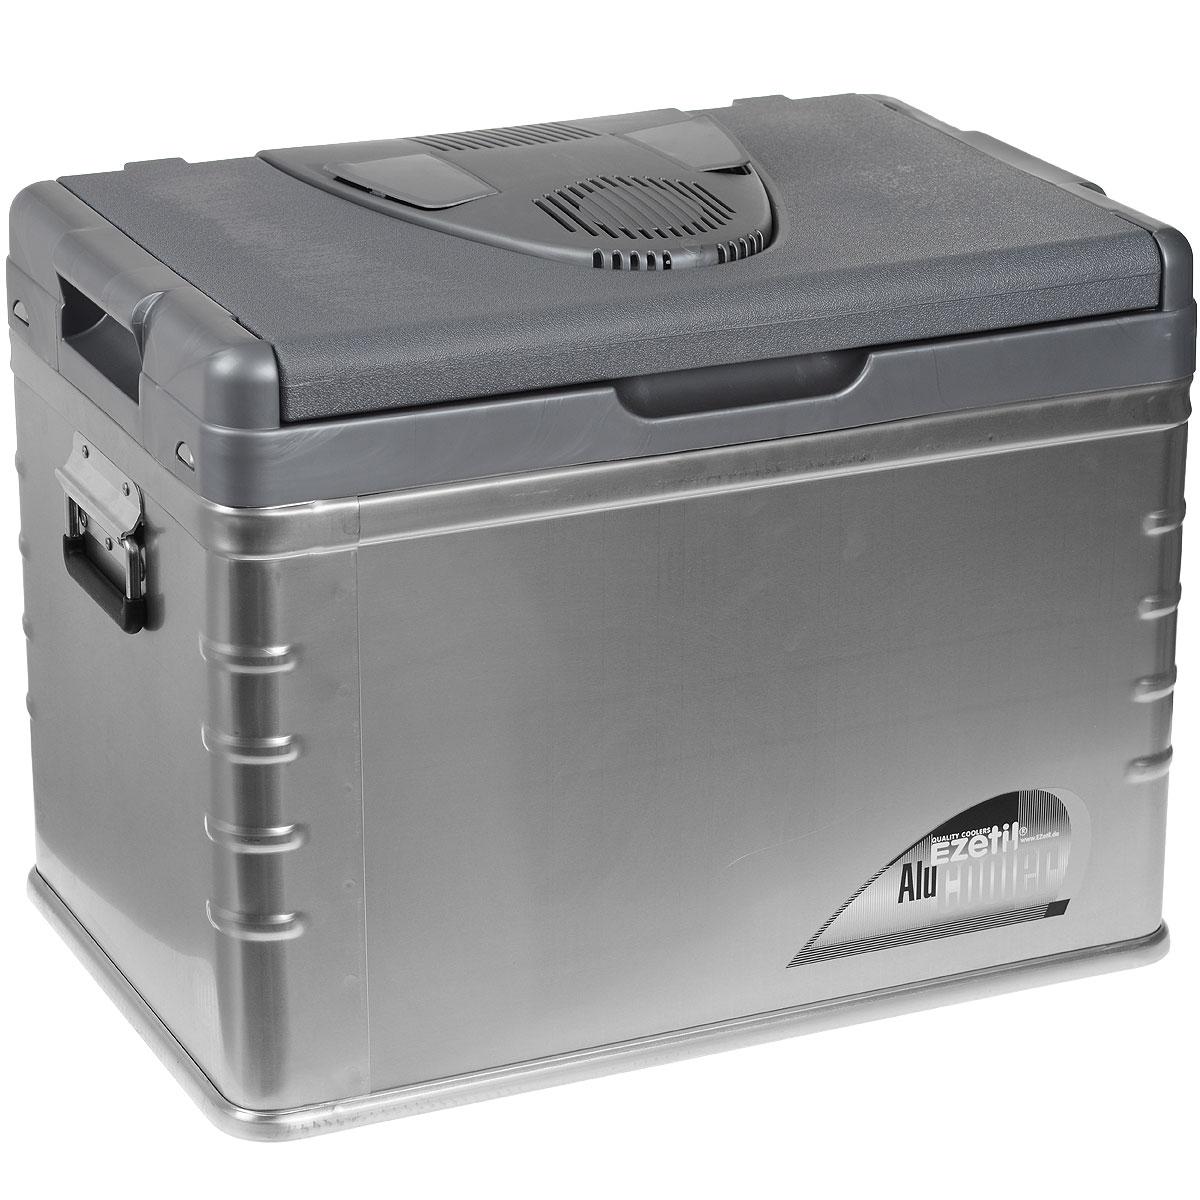 Термоэлектрический контейнер охлаждения Ezetil E45 ALU 12V, 42 лS28 DCТермоэлектрический контейнер охлаждения Ezetil предназначен для использования в салоне автомобиля в качестве портативного холодильника. Контейнер выполнен из высококачественного пластика с отделкой алюминиевыми панелями, корпус гладкий, эргономичного дизайна, ударопрочный. Внутренняя камера изготовлена из экологически чистого пищевого пластика. Принцип действия термоэлектрического контейнера (холодильника) основан на свойстве полупроводниковых пластин, это свойство получило название эффект Пельтье. При протекании тока через полупроводниковую пластину одна сторона ее охлаждается (этой стороной пластина обращена внутрь контейнера), другая сторона - нагревается (эта сторона обращена наружу и охлаждается вентилятором). Дополнительный внутренний вентилятор в холодильной камере обеспечивает быстрое и равномерное охлаждение. Мощная, не нуждающаяся в техобслуживании охлаждающая система Peltier гарантирует оптимальную производительность по холоду. Действенная изоляция с наполнителем из пеноматериала толщиной 5 см поддерживает в холодном состоянии пищу и напитки в течение длительного времени в т.ч. и без подачи электроэнергии. Для повышения эффективности термоэлектрического контейнера (холодильника), а также когда он не подключен к сети (например, на даче, на пикнике) внутрь автохолодильника можно поместить аккумуляторы холода (в комплект не входят). Специальная уплотнительная резина в крышке уменьшает образование конденсата в холодильной камере. Это особенно важно при охлаждении продуктов питания. Контейнер работает от бортовой сети автомобиля 12В. Шнур питания вмонтирован в специальный отсек на тыльной стороне крышки. Модель оснащена интеллектуальной системой энергосбережения. Контейнер имеет широко открывающуюся крышку для легкого доступа к продуктам и две усиленных ручки по бокам для удобной переноски. Крышка плотно и герметично закрывается. Контейнер очень вместительный. Конструкция крышки и форм-факто